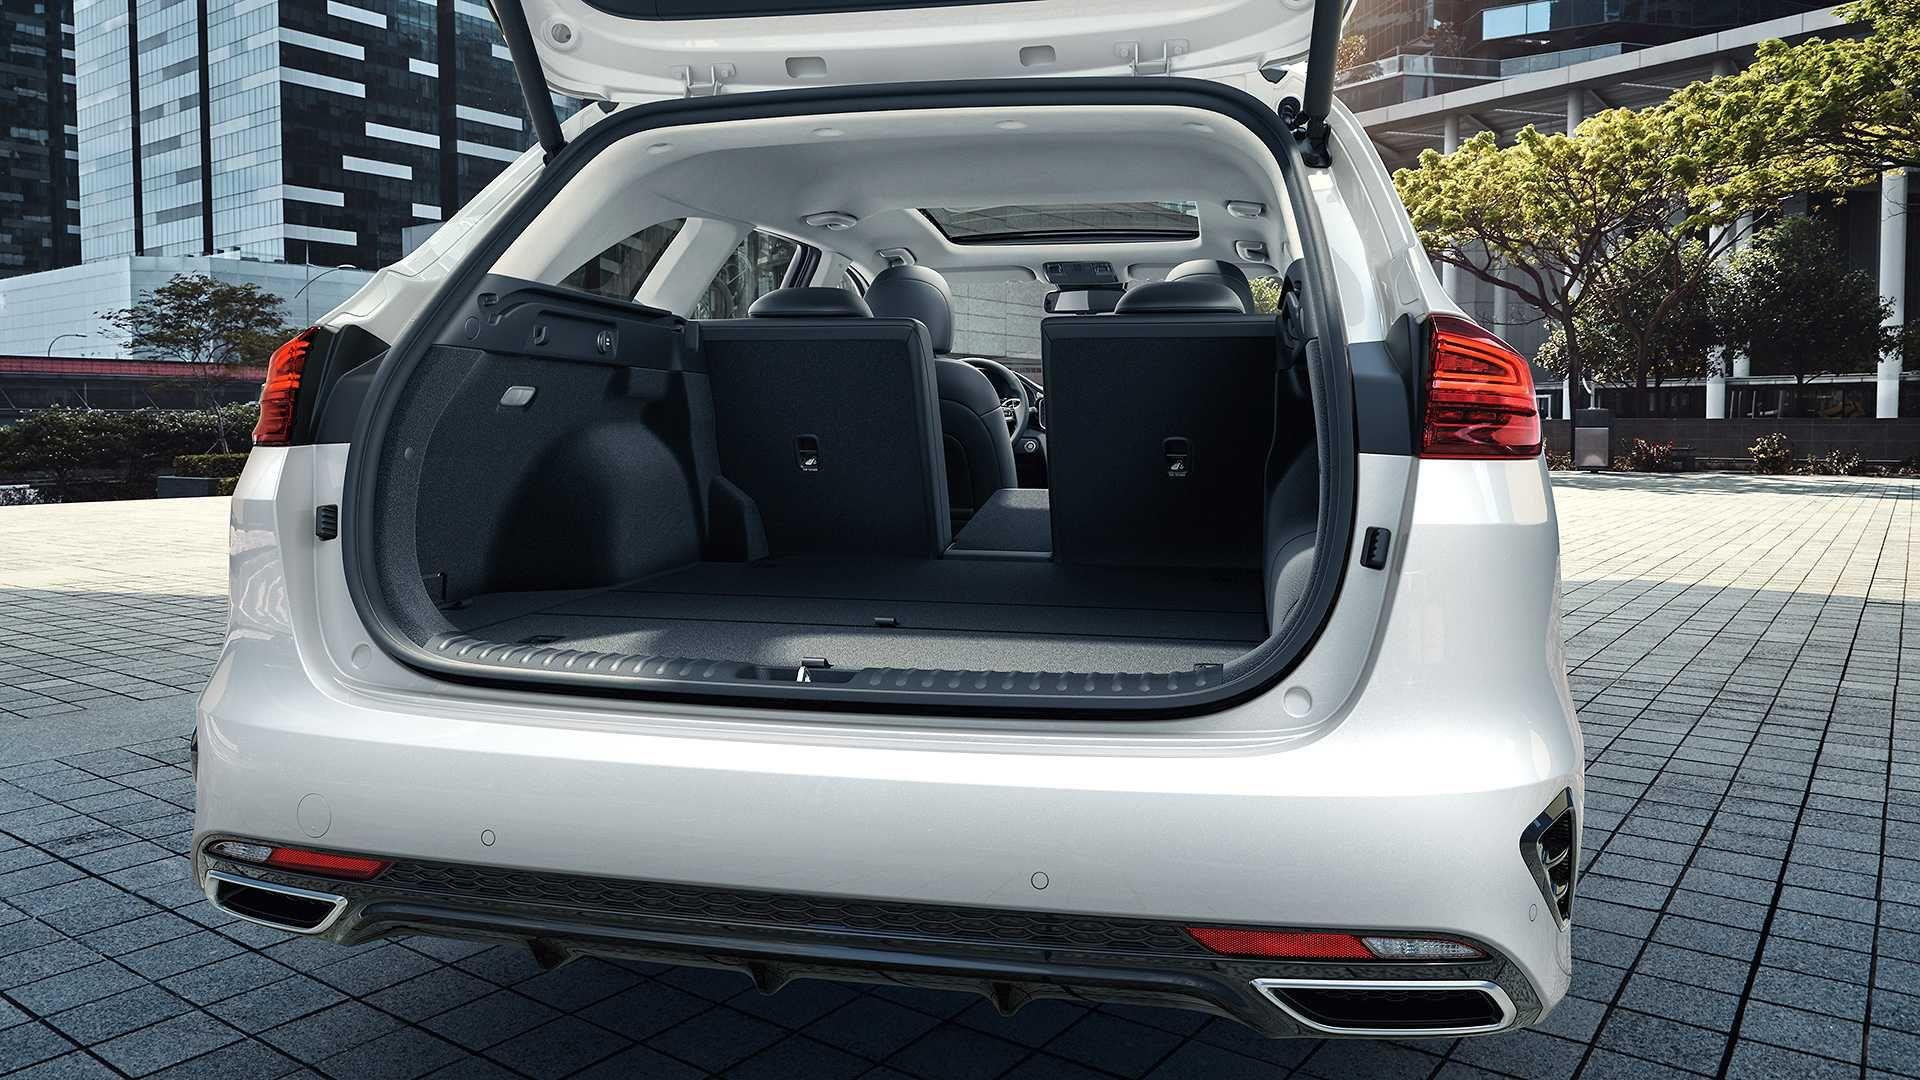 Kia вивела в світ гібридні версії універсала Ceed та кросовера XCeed з індексом PHEV